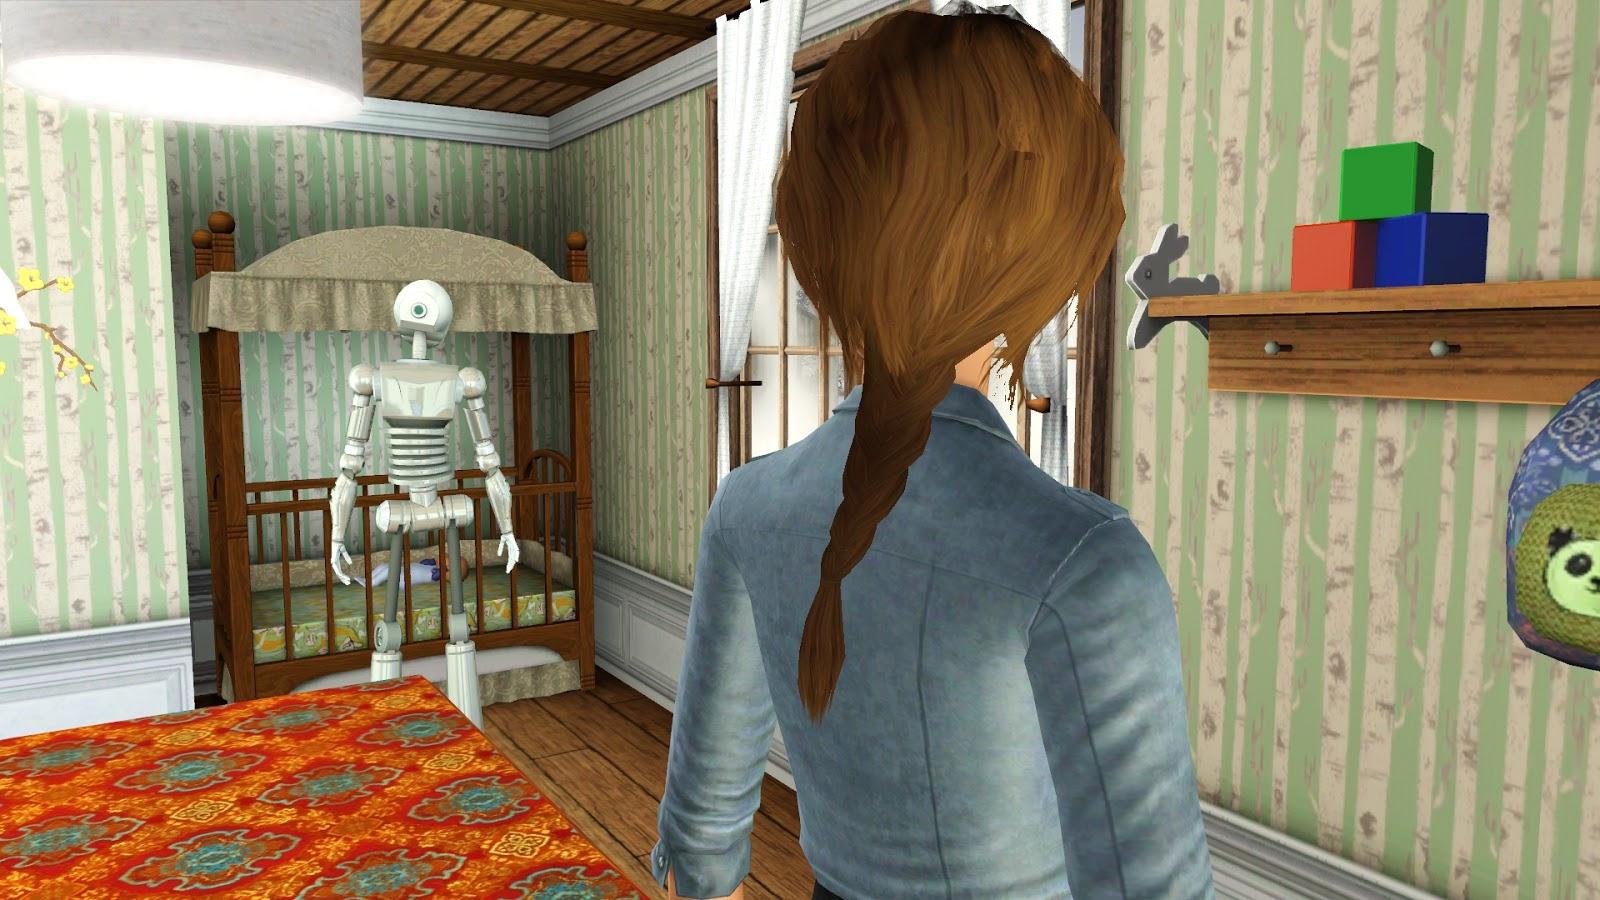 Sims 3 Plumbot Names